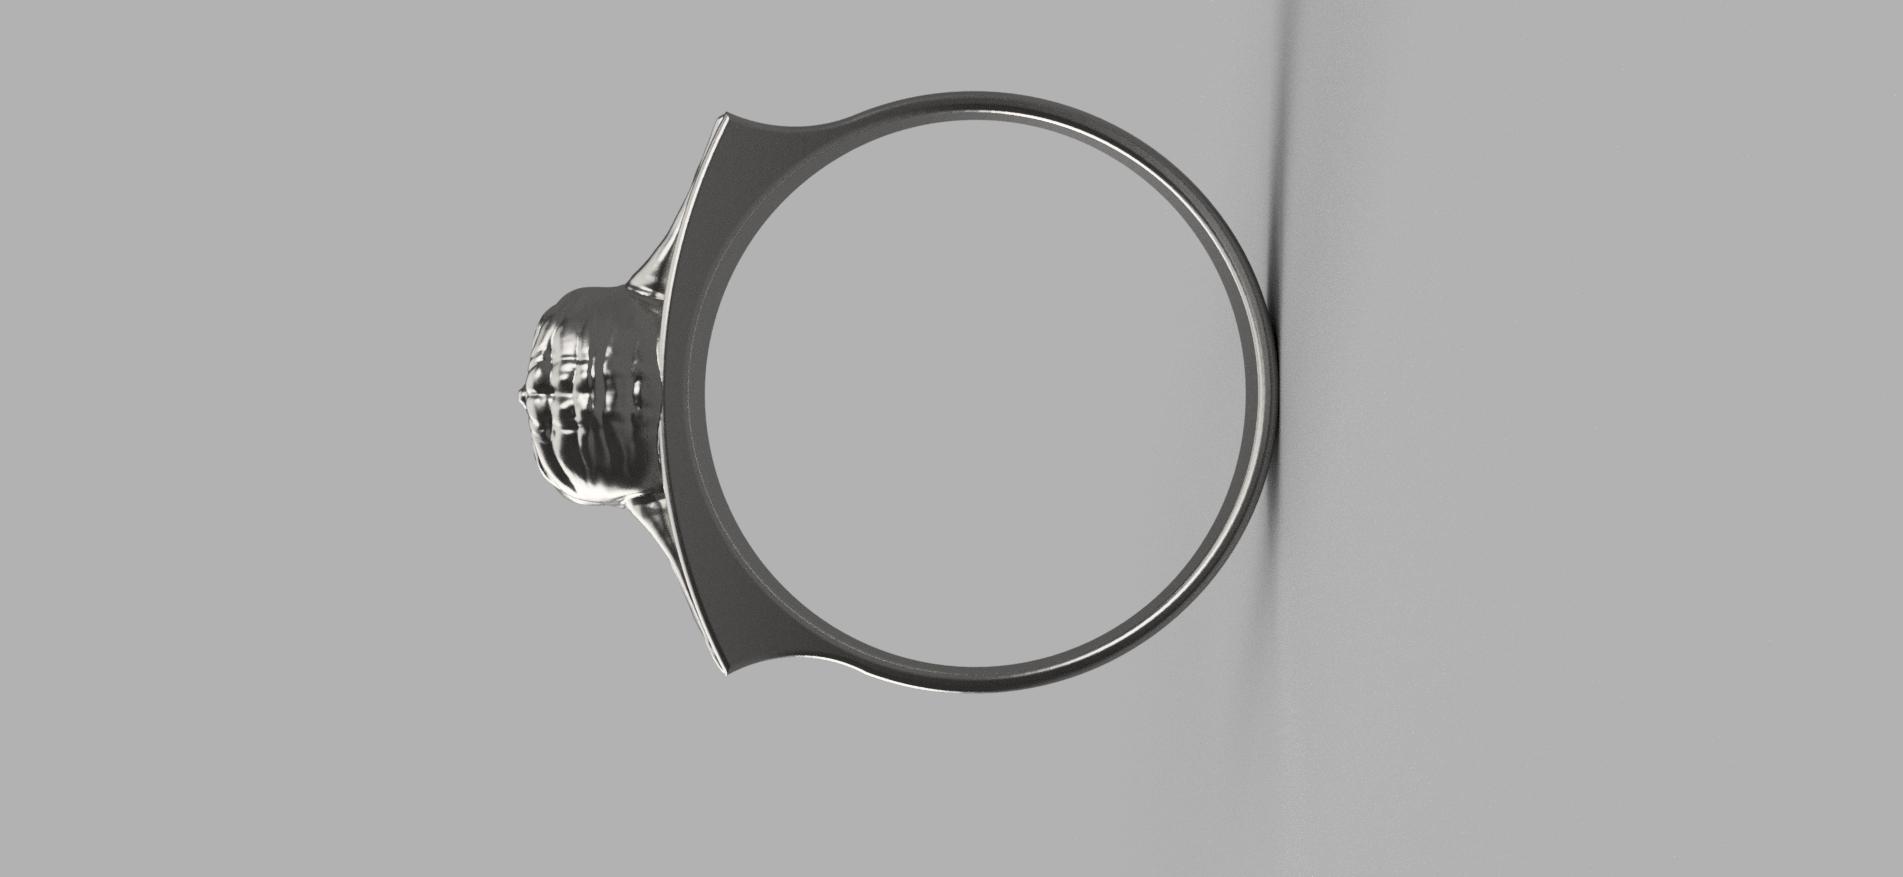 Baby_Yoda_Ring_17mm_Cut(FINAL)8.png Télécharger fichier STL gratuit Bébé Yoda Ring • Plan pour imprimante 3D, quaddalone